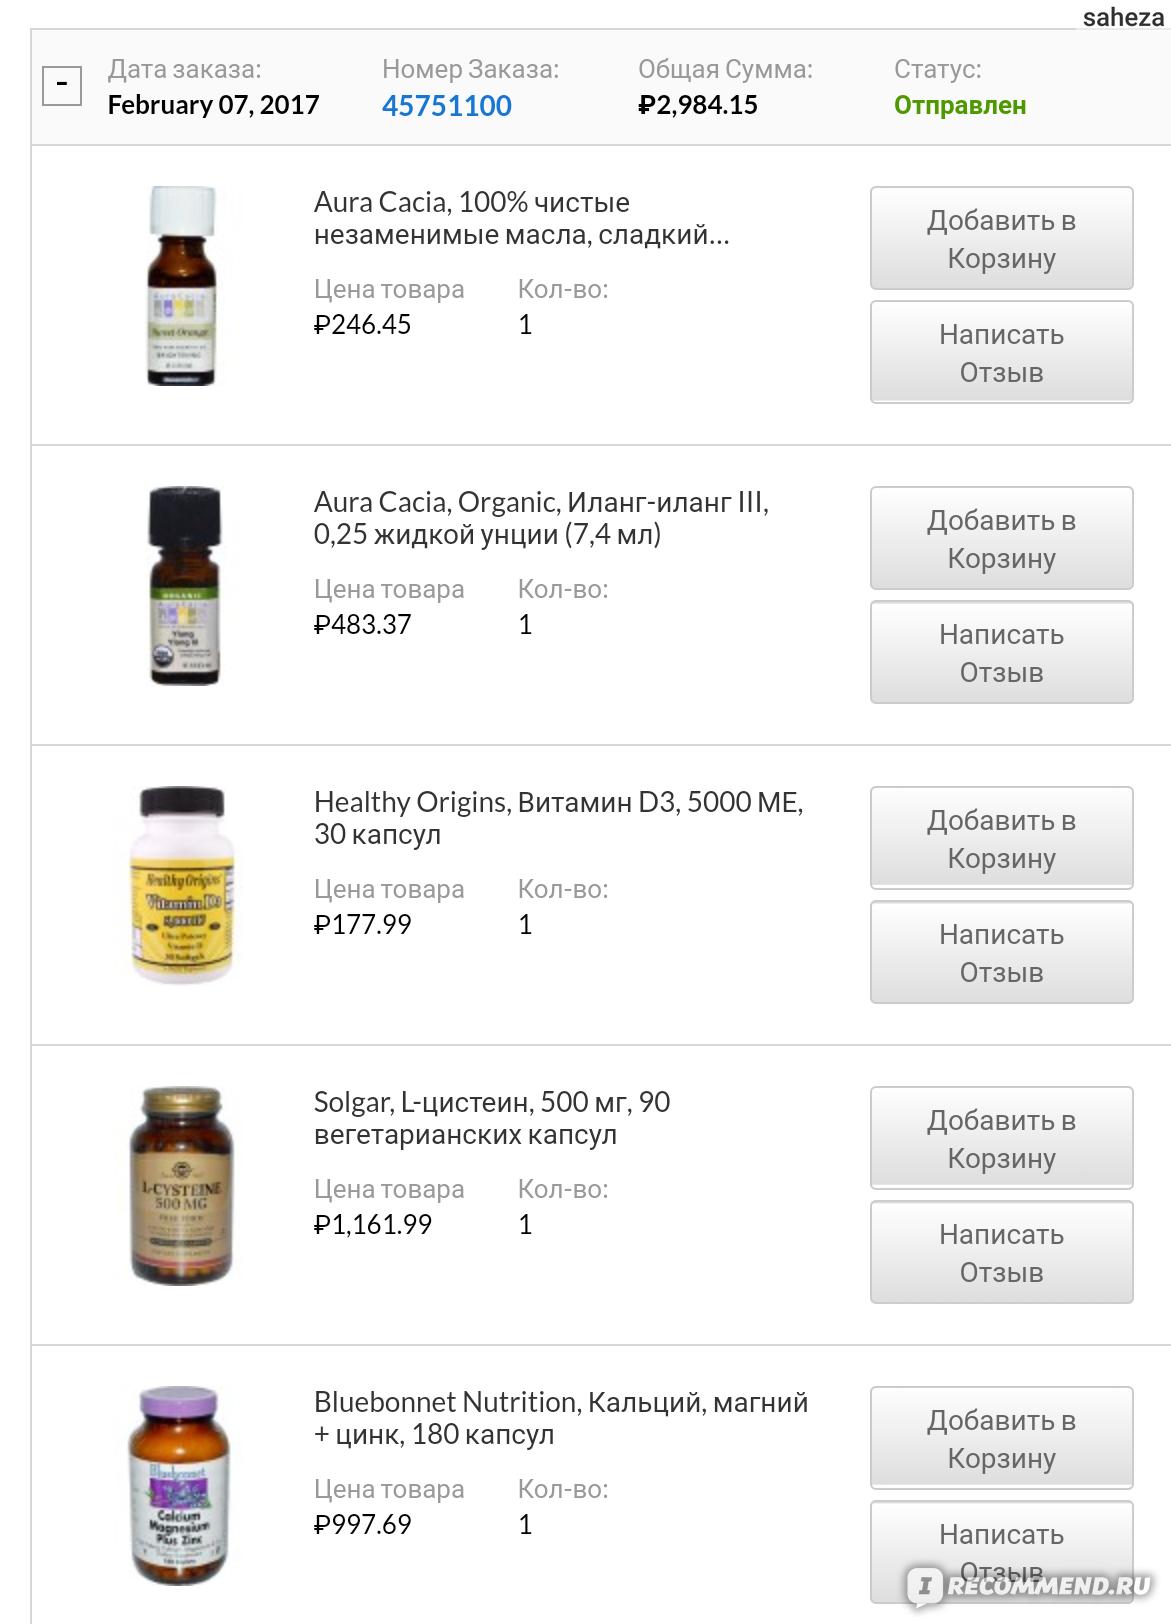 какие продукты исключить при повышенном холестерине